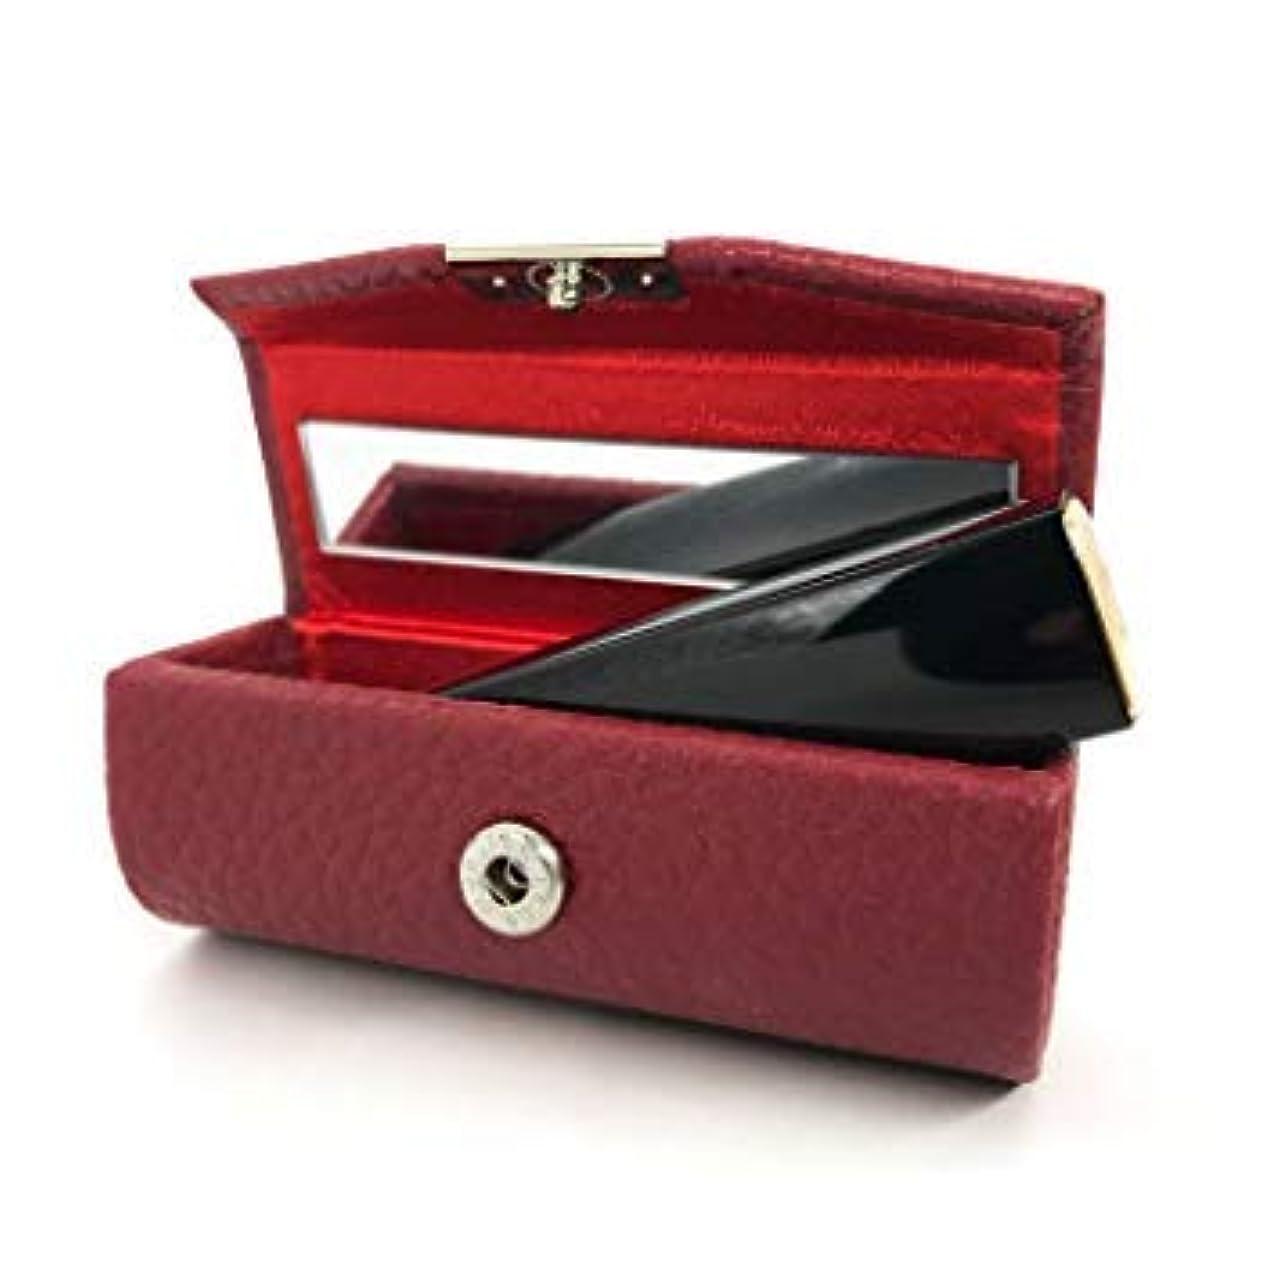 サルベージ避難大きなスケールで見るとAifusi 財布口紅ホルダー、化粧品収納用ミラーオーガナイザーバッグ付き